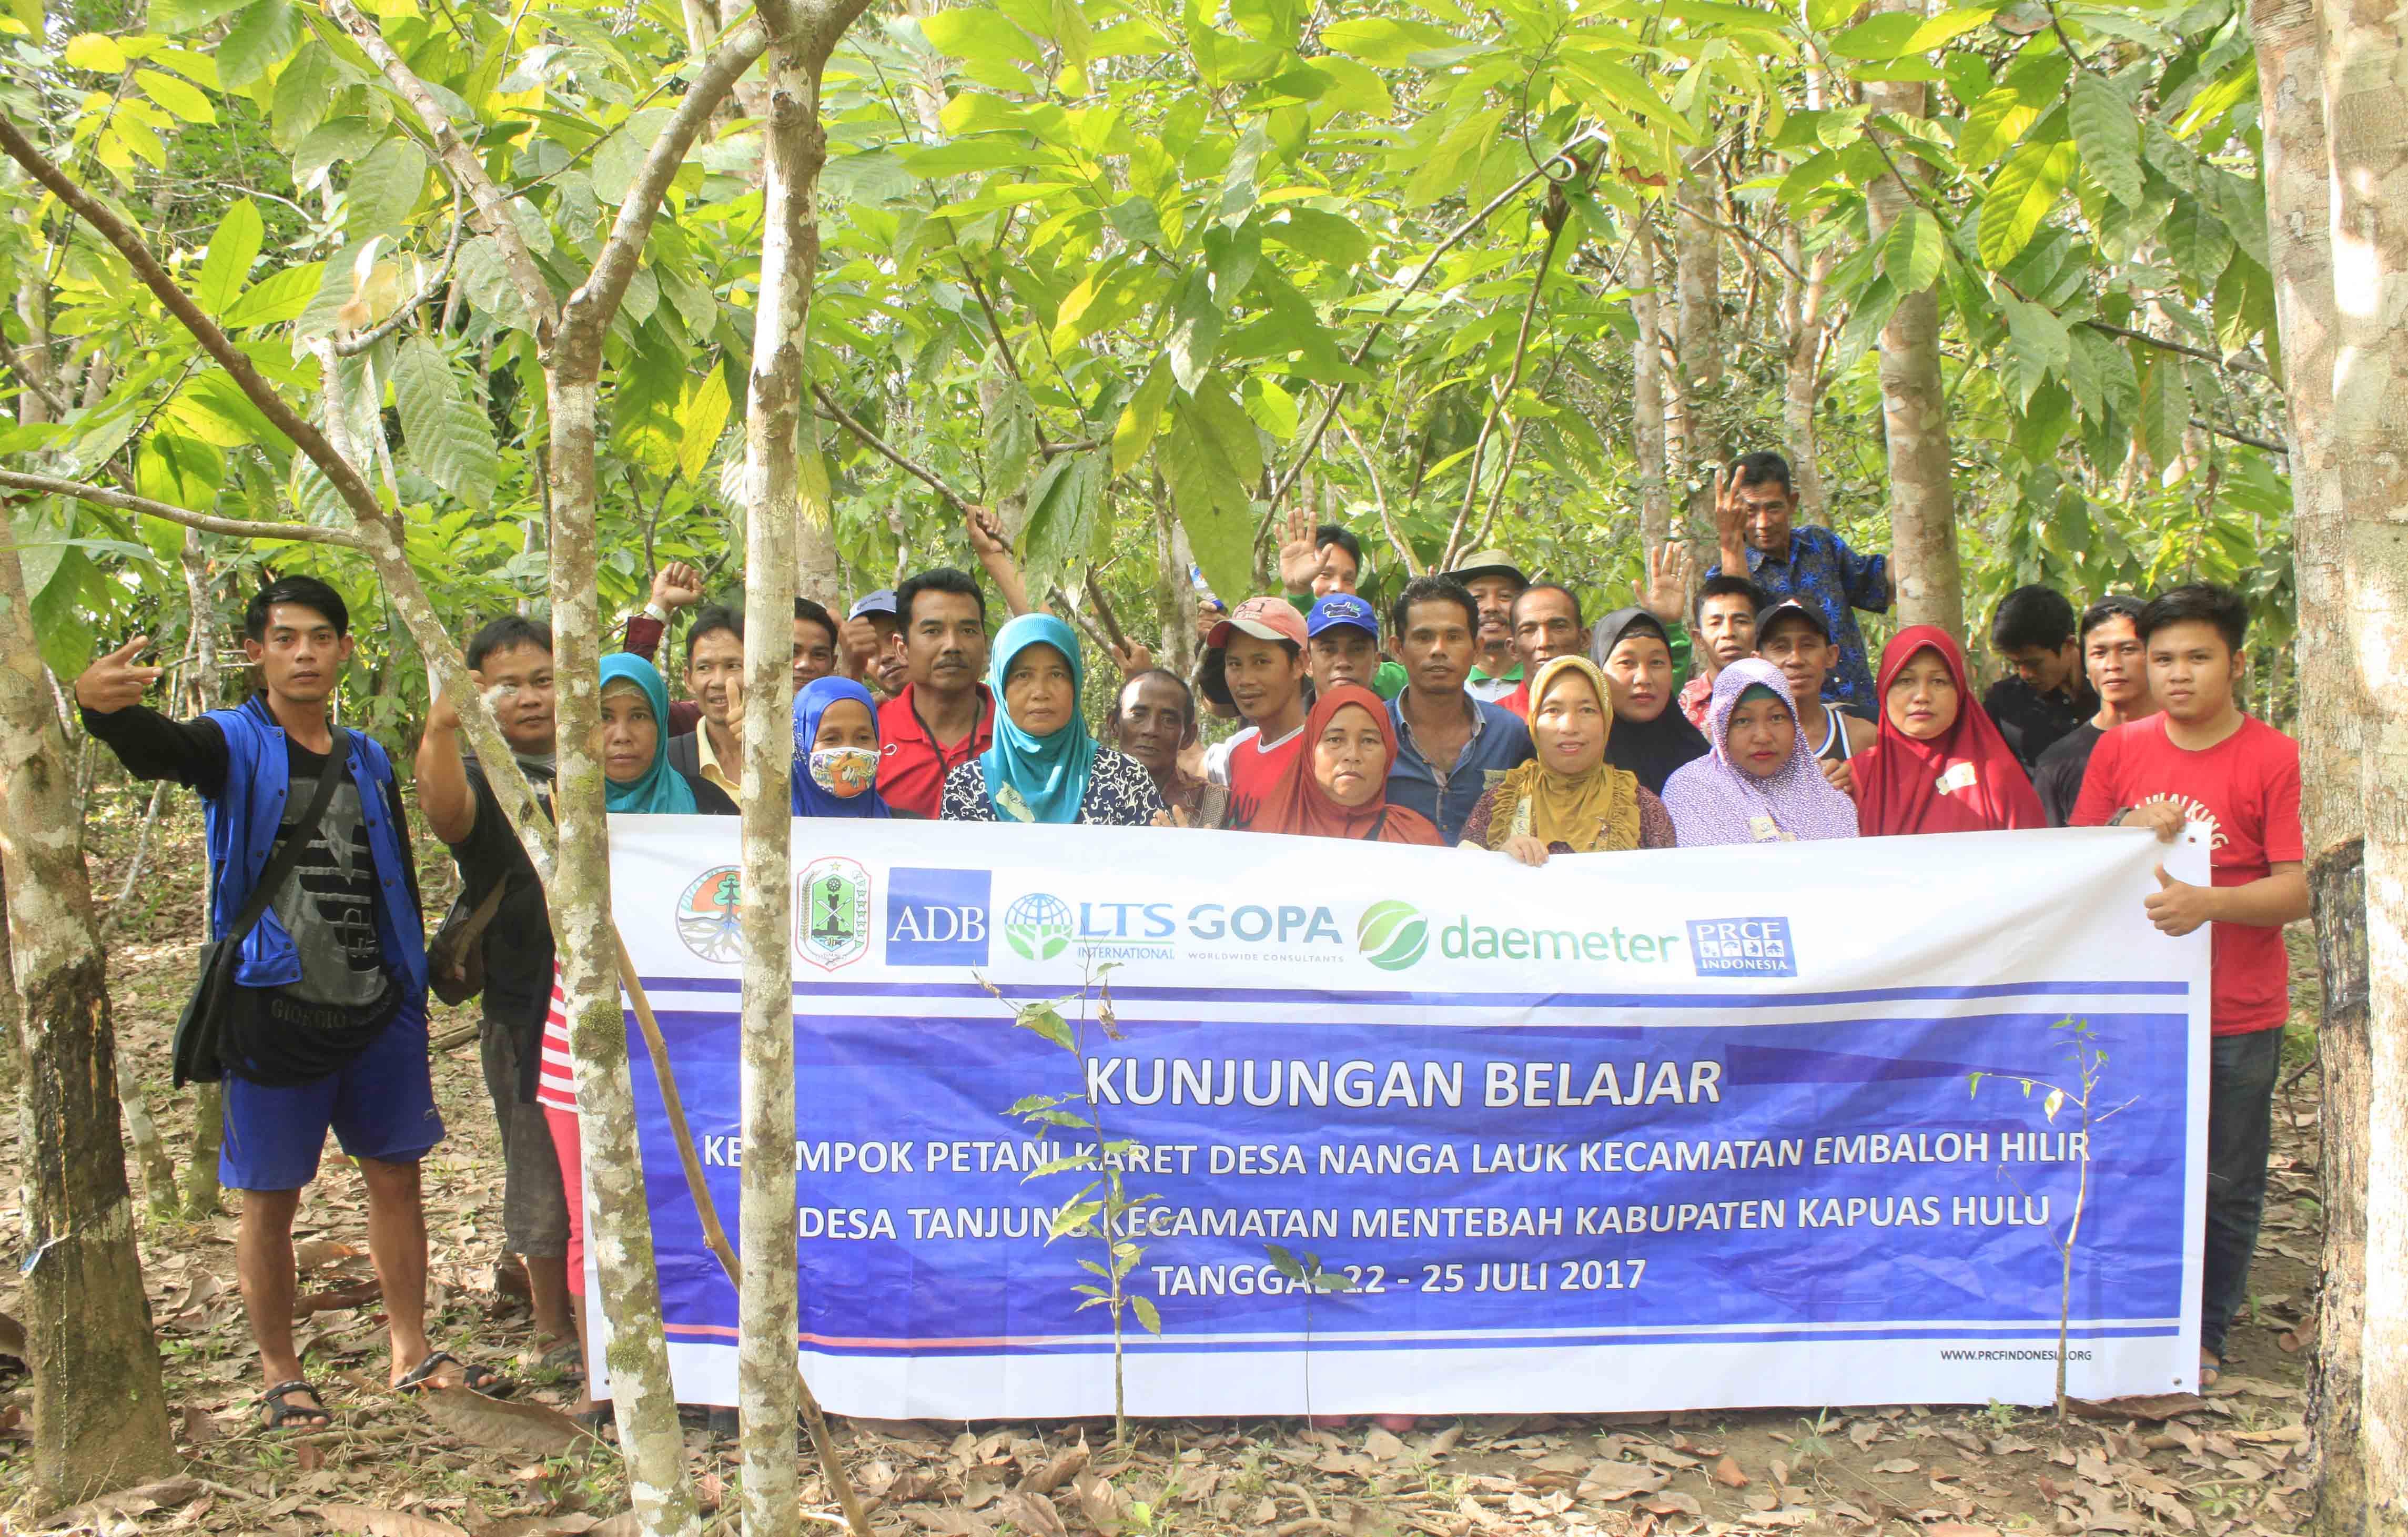 Masyarakat Desa Nanga Lauk Belajar Pengolahan Karet di Desa Tanjung